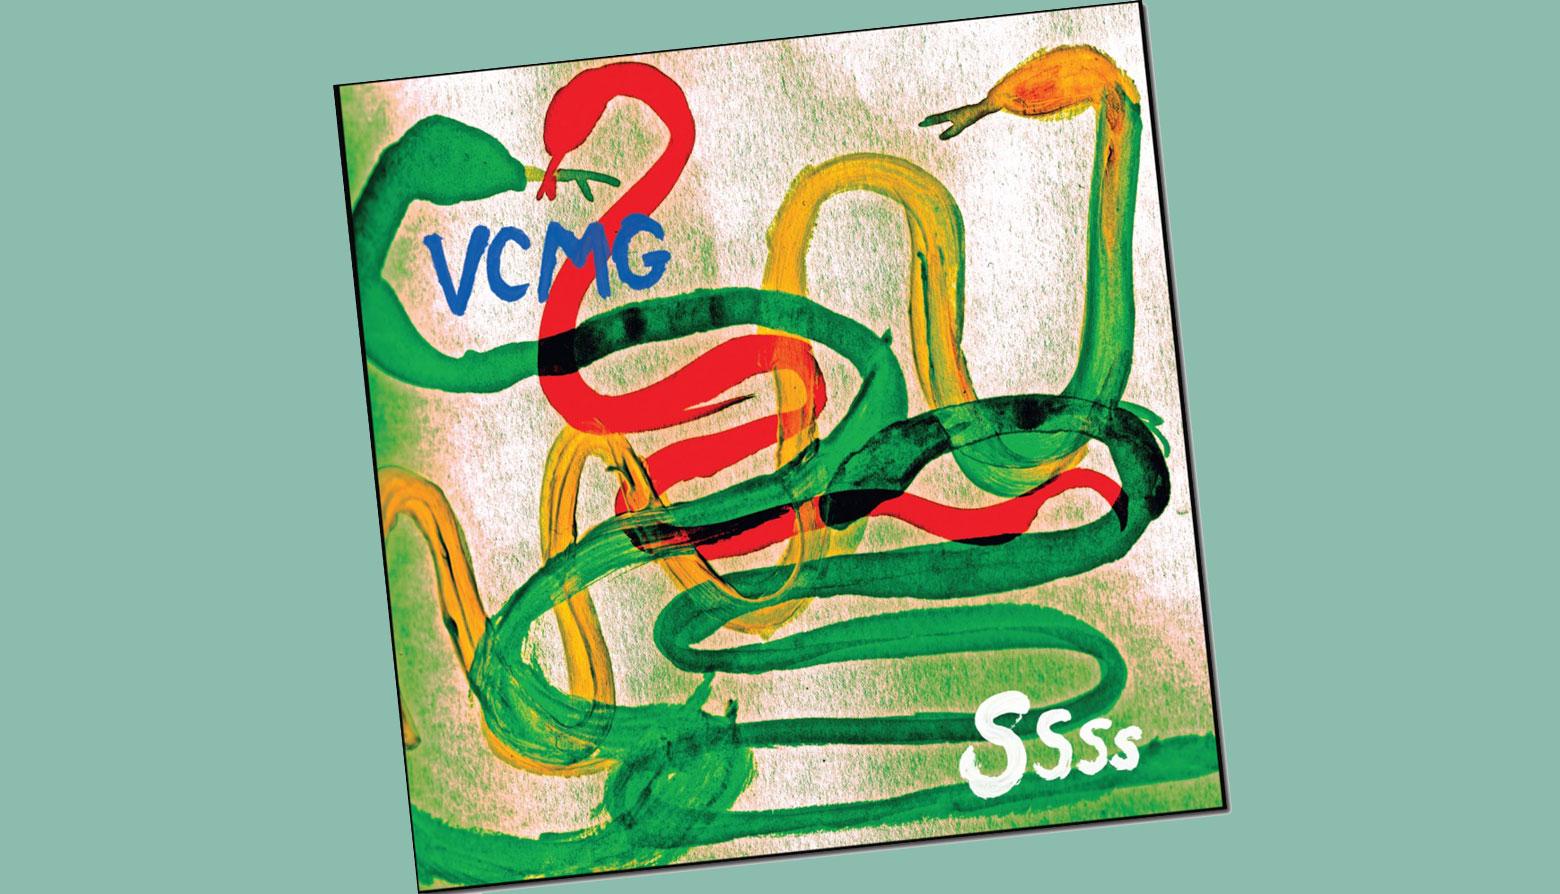 VCMG_-_Ssss